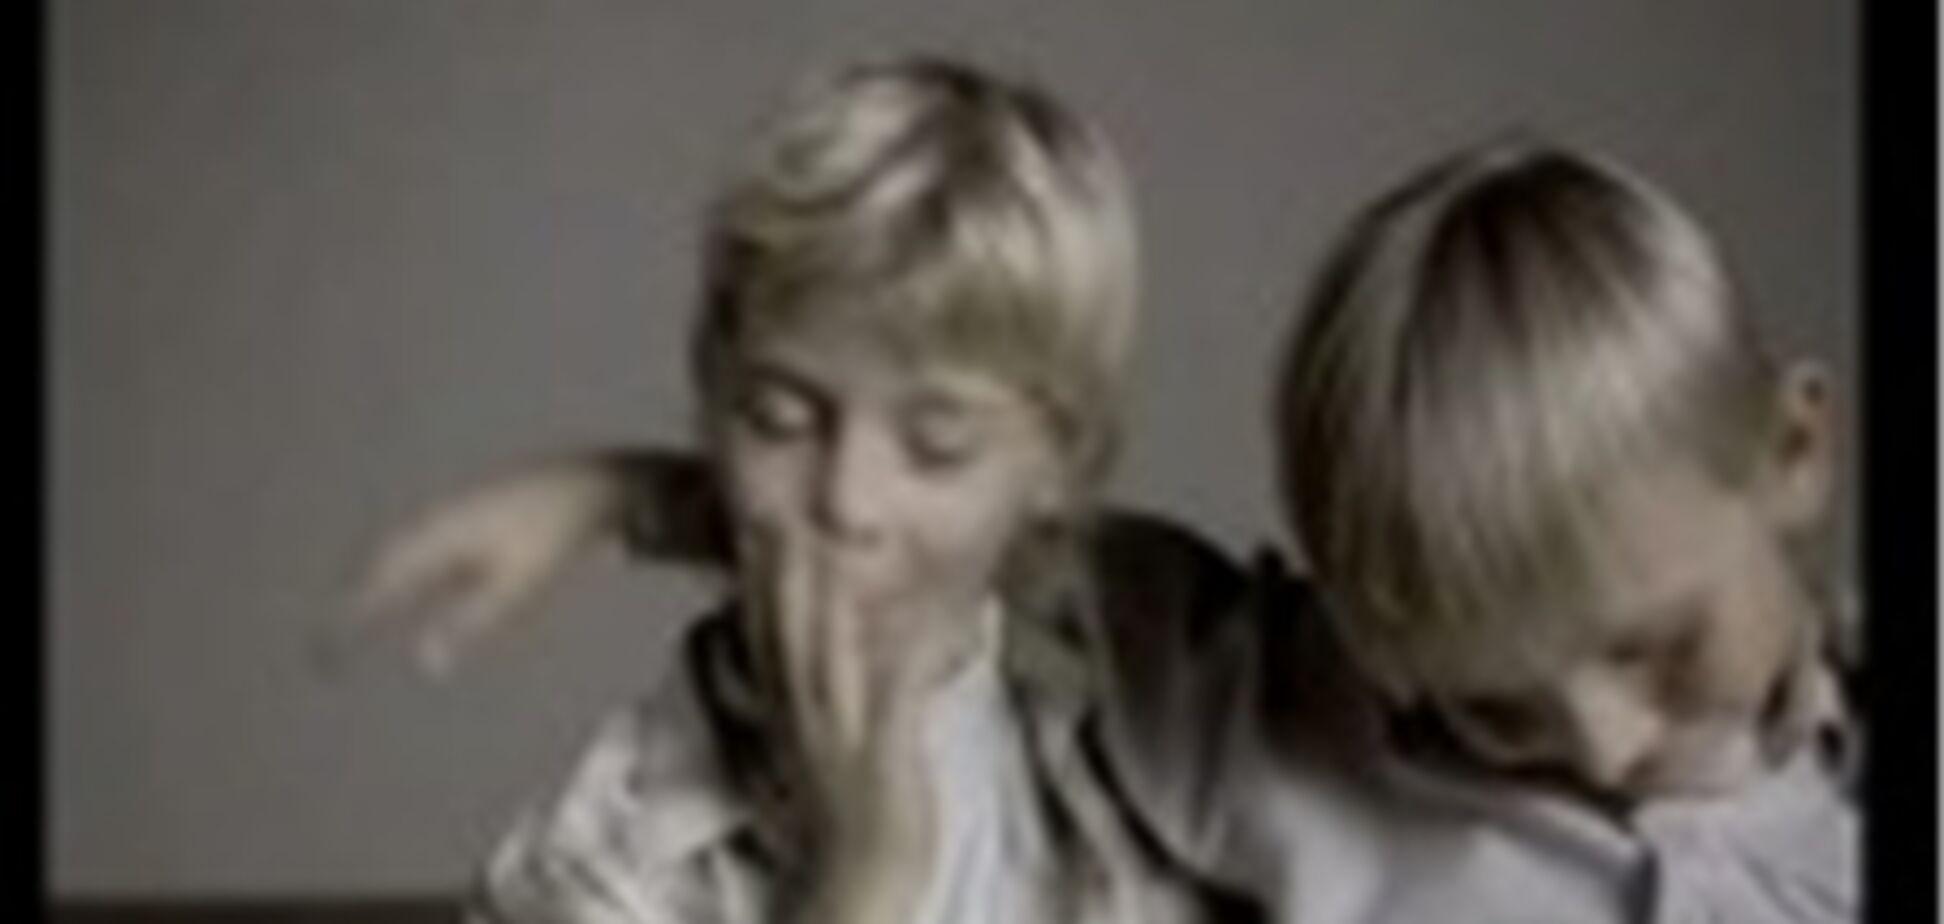 Двое 10-летних школьников накачались спиртом до алкогольной комы